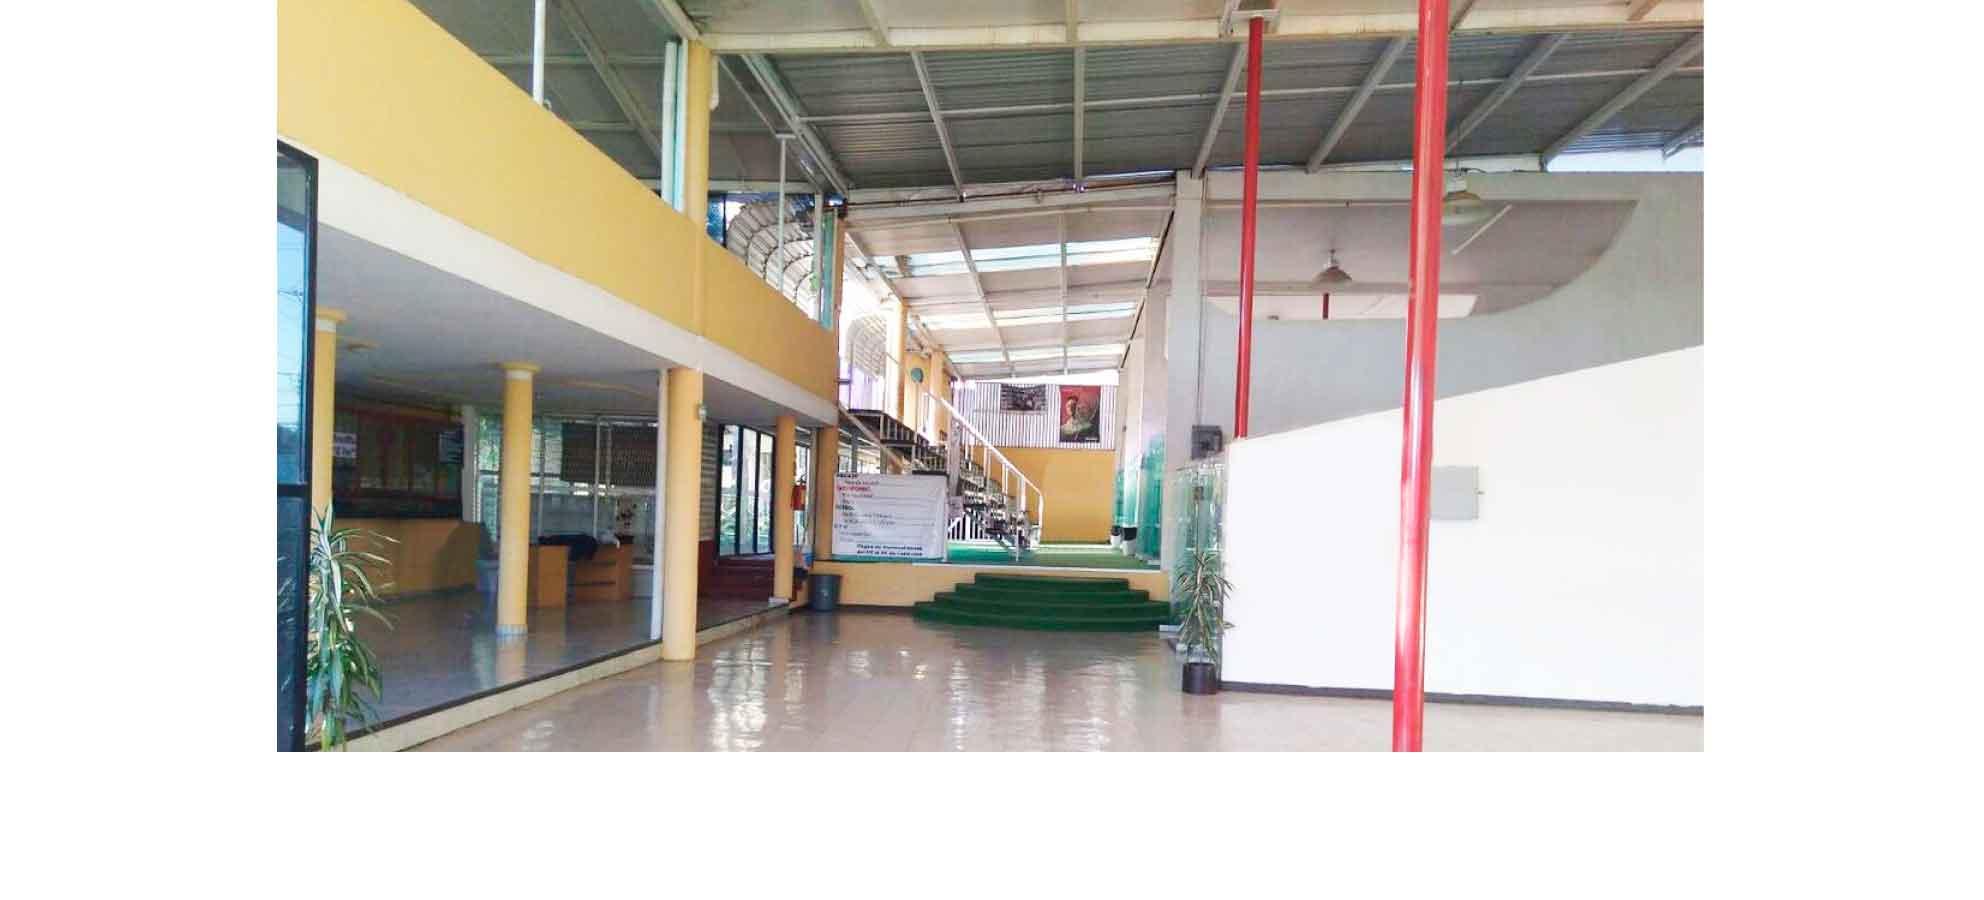 CLUB DEPORTIVO EN VENTA EN AV. MADERO, MORELIA